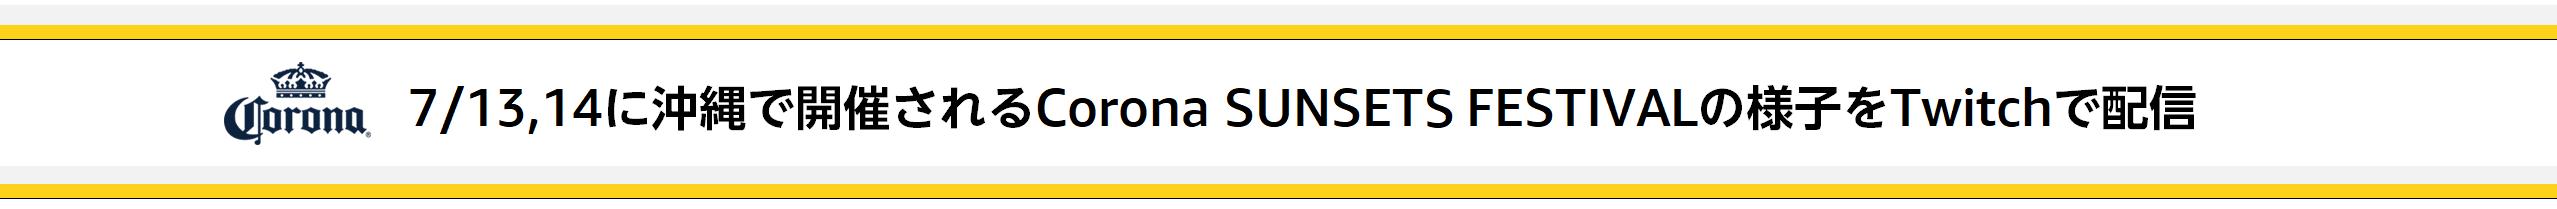 7/13,14に沖縄で開催されるCorona SUNSET FESTIVALの様子をTwitchで配信